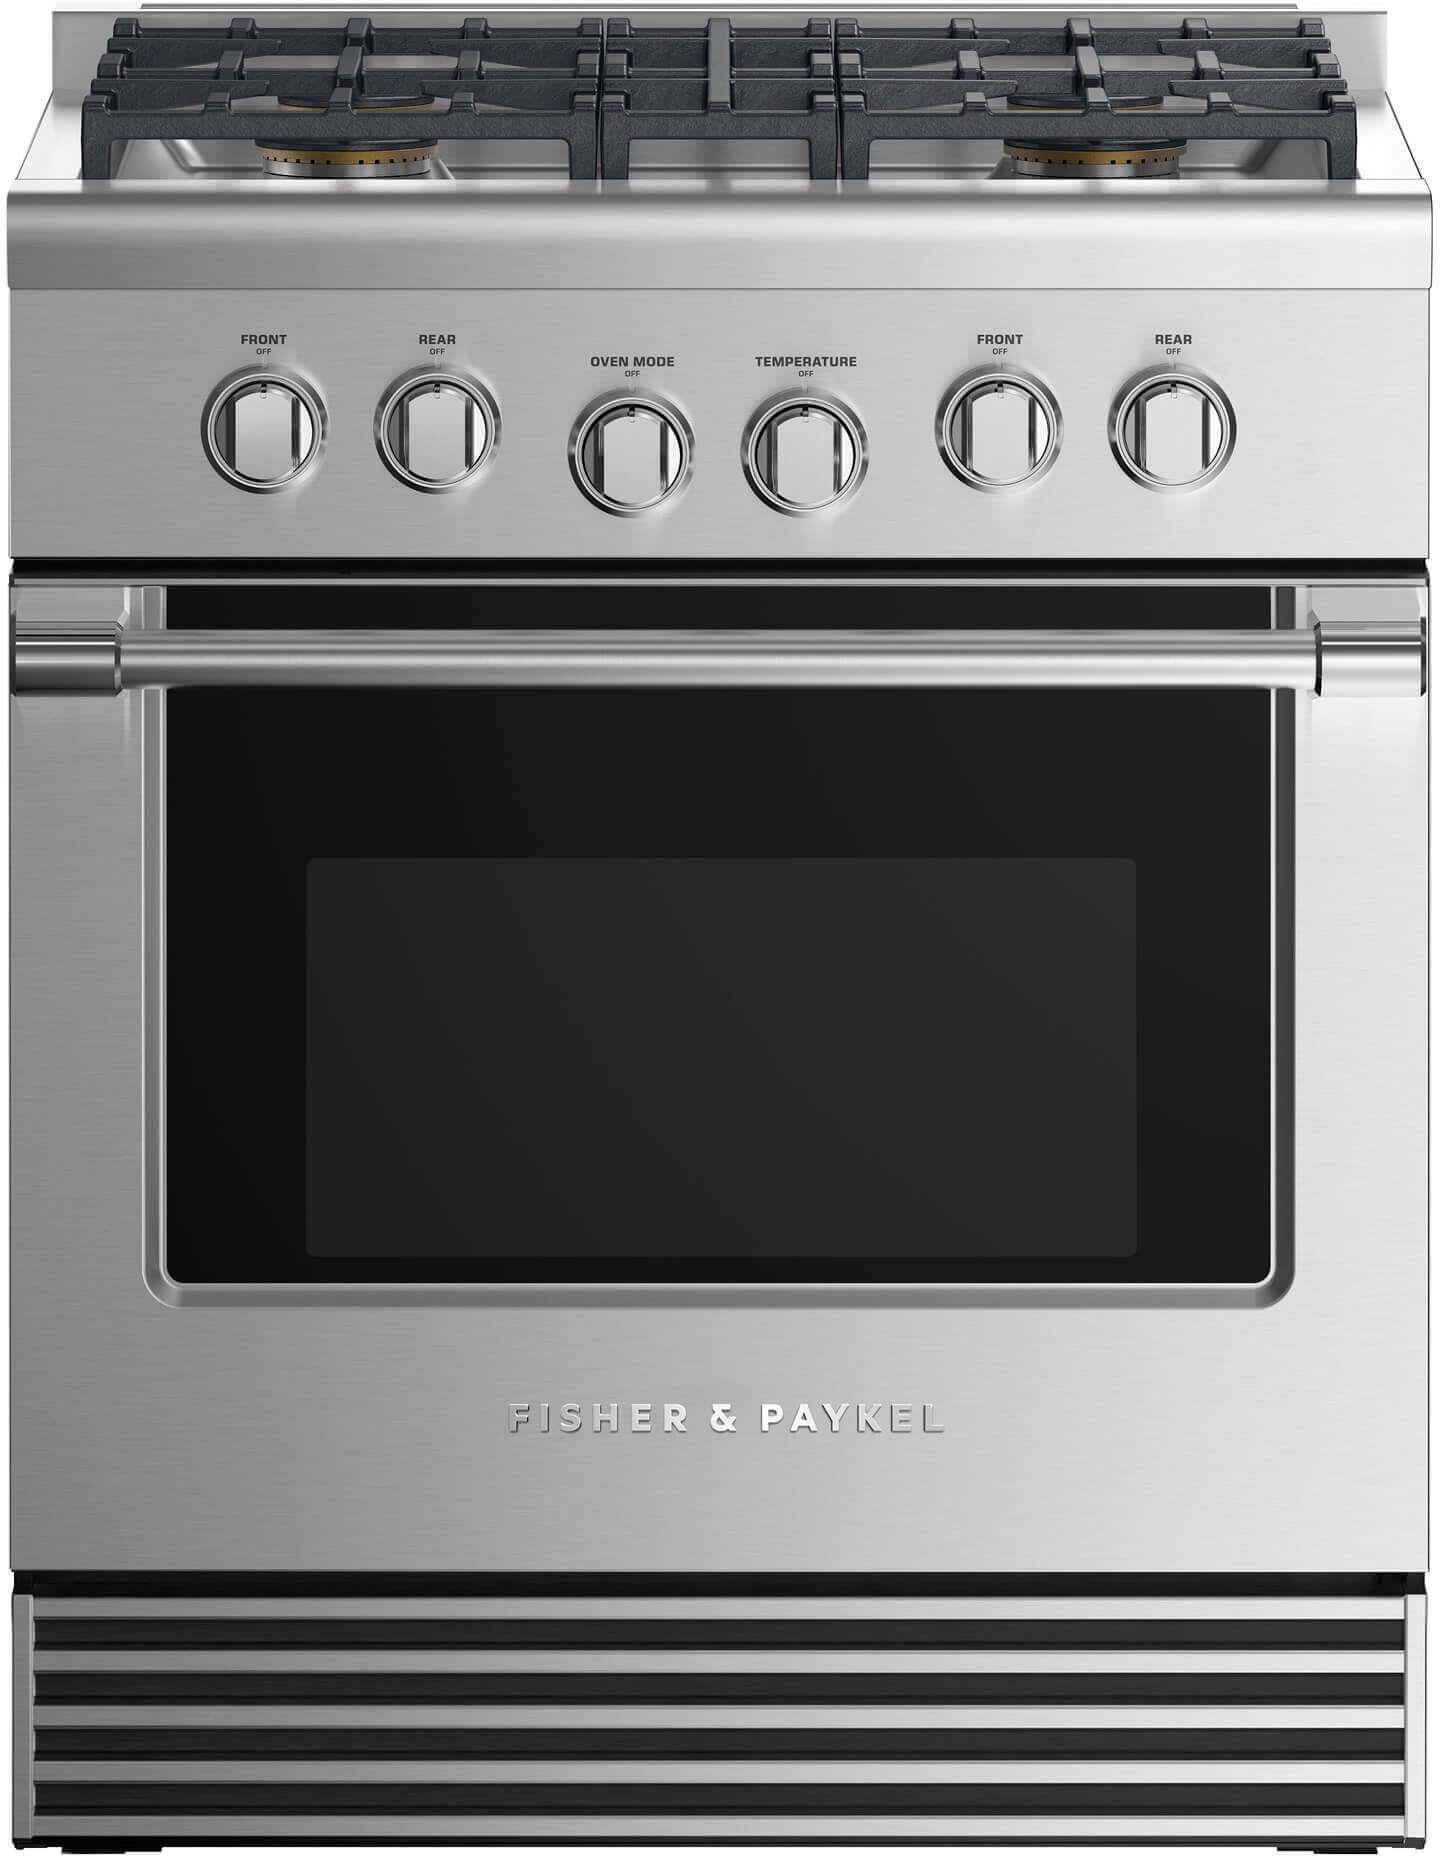 Pro Style Gas Range Shop Home Appliances, Kitchen Appliances, and ...